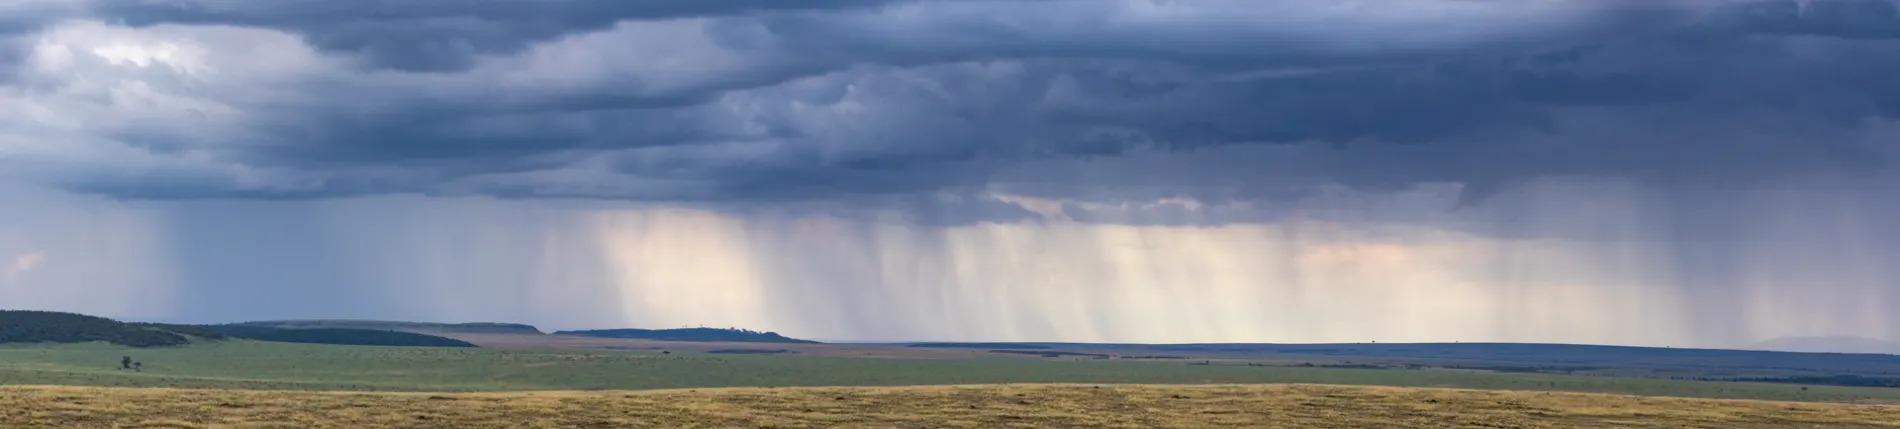 RAIN PANO